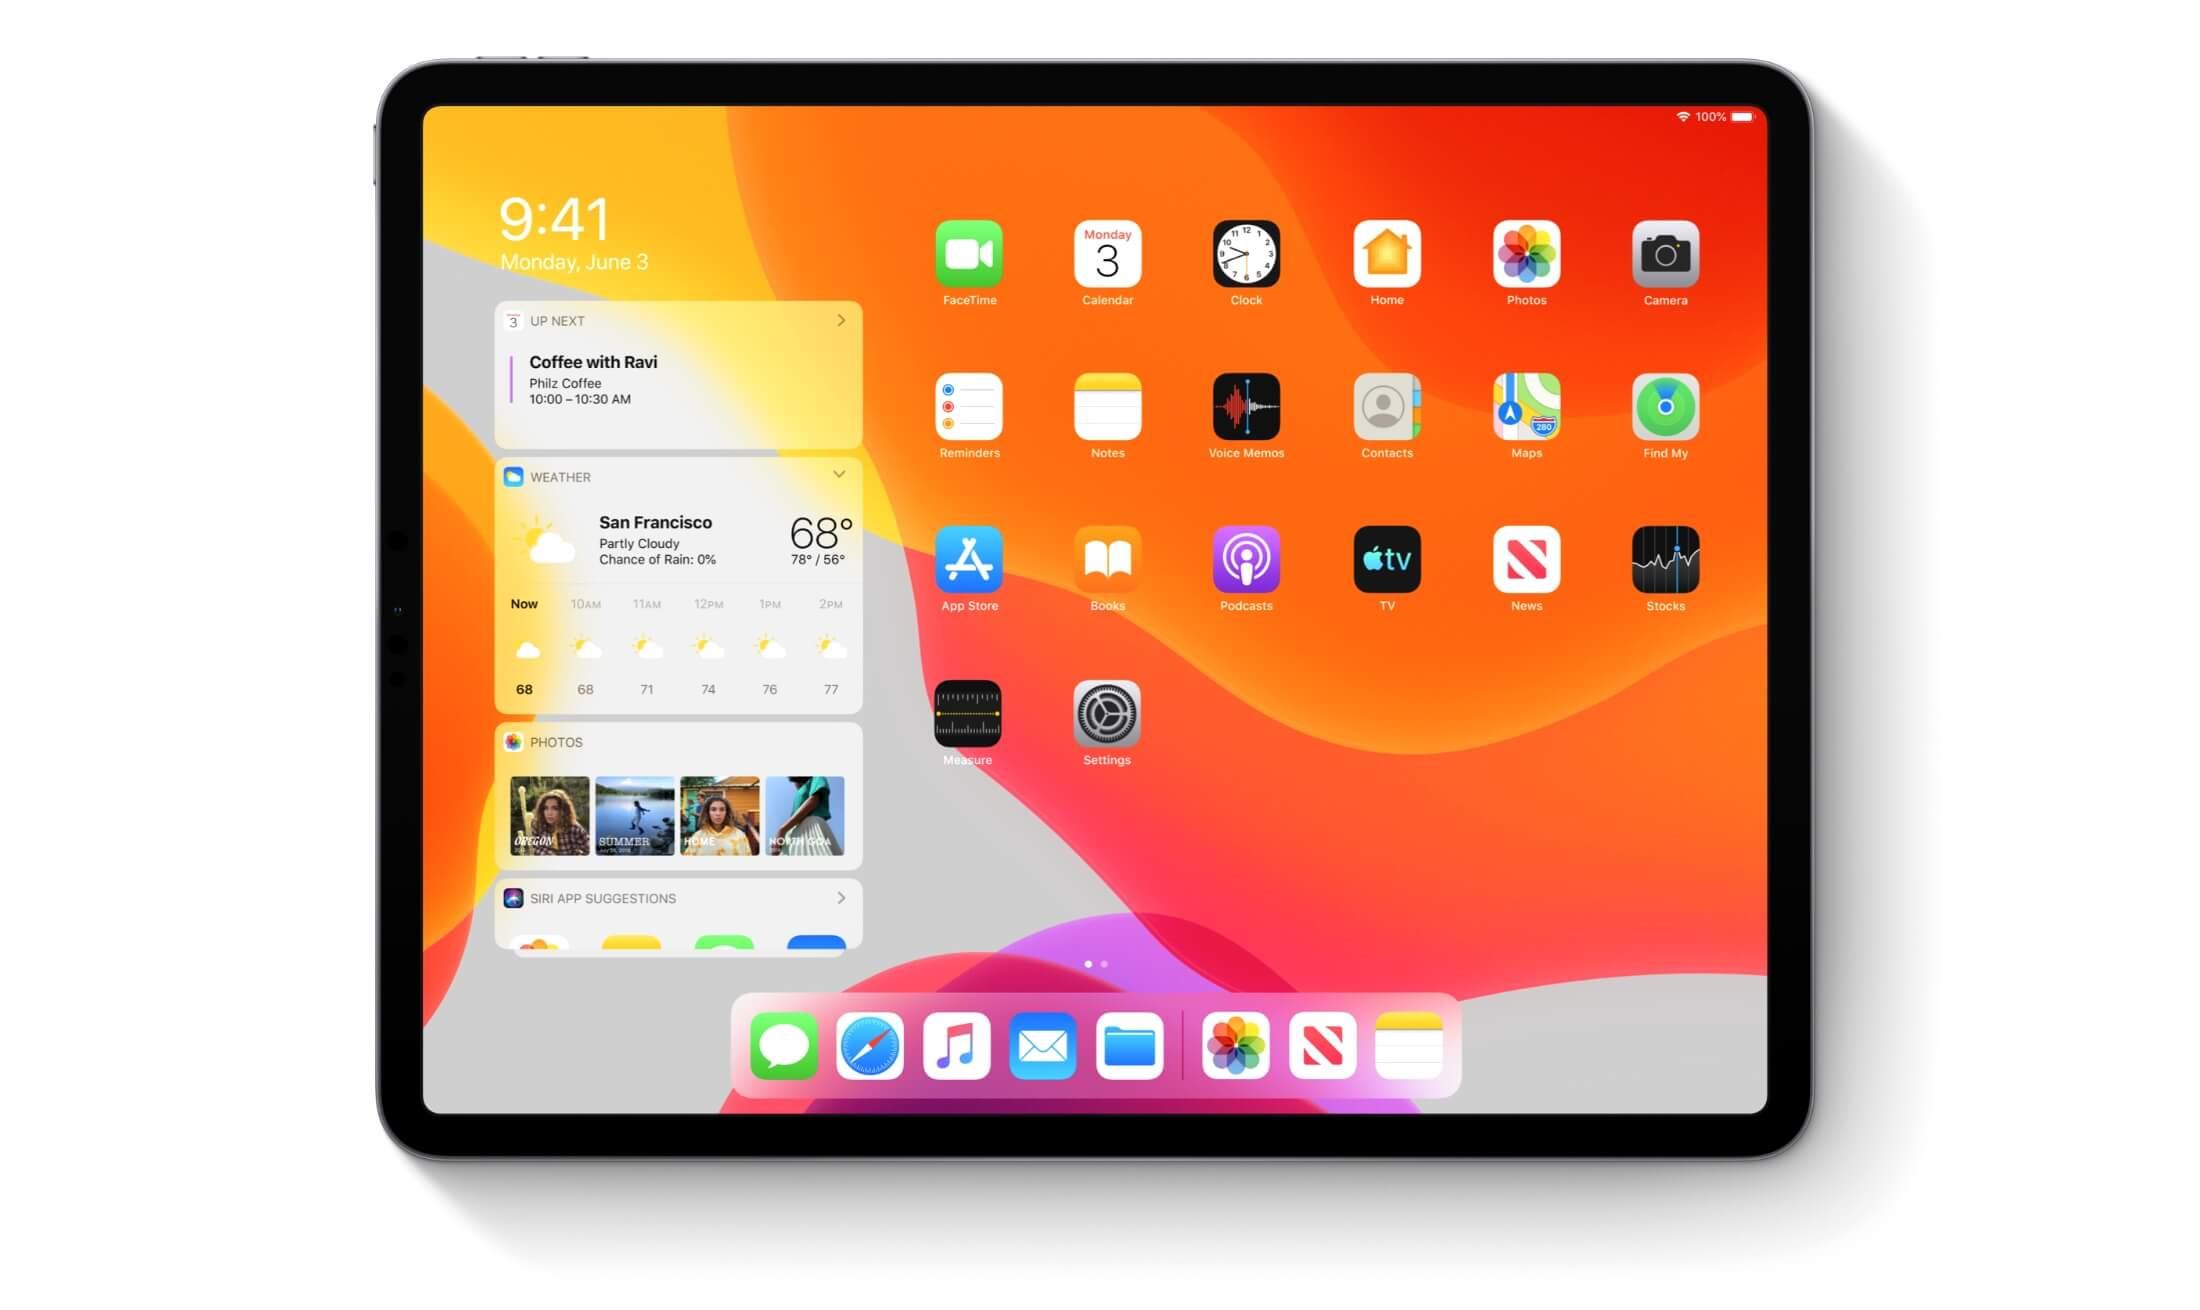 Is Inter-App Audio Dead in iOS 13 & iPadOS?